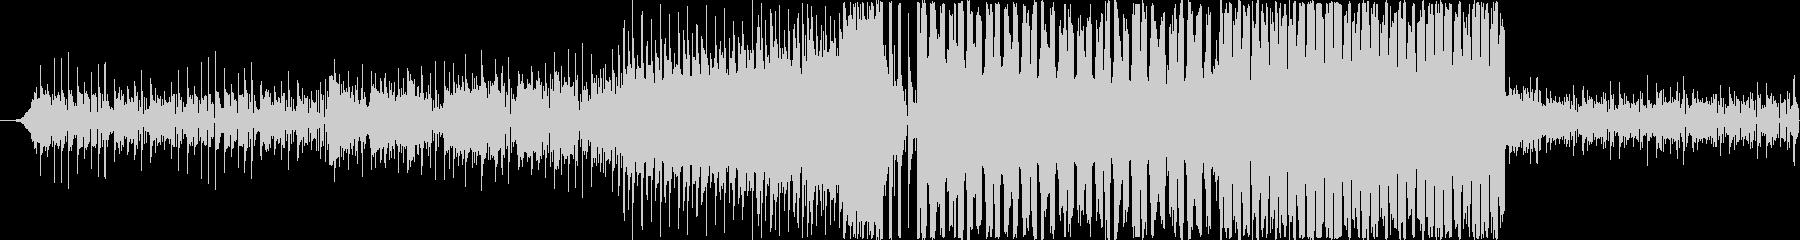 カワイイフューチャーベース風シリーズの3の未再生の波形